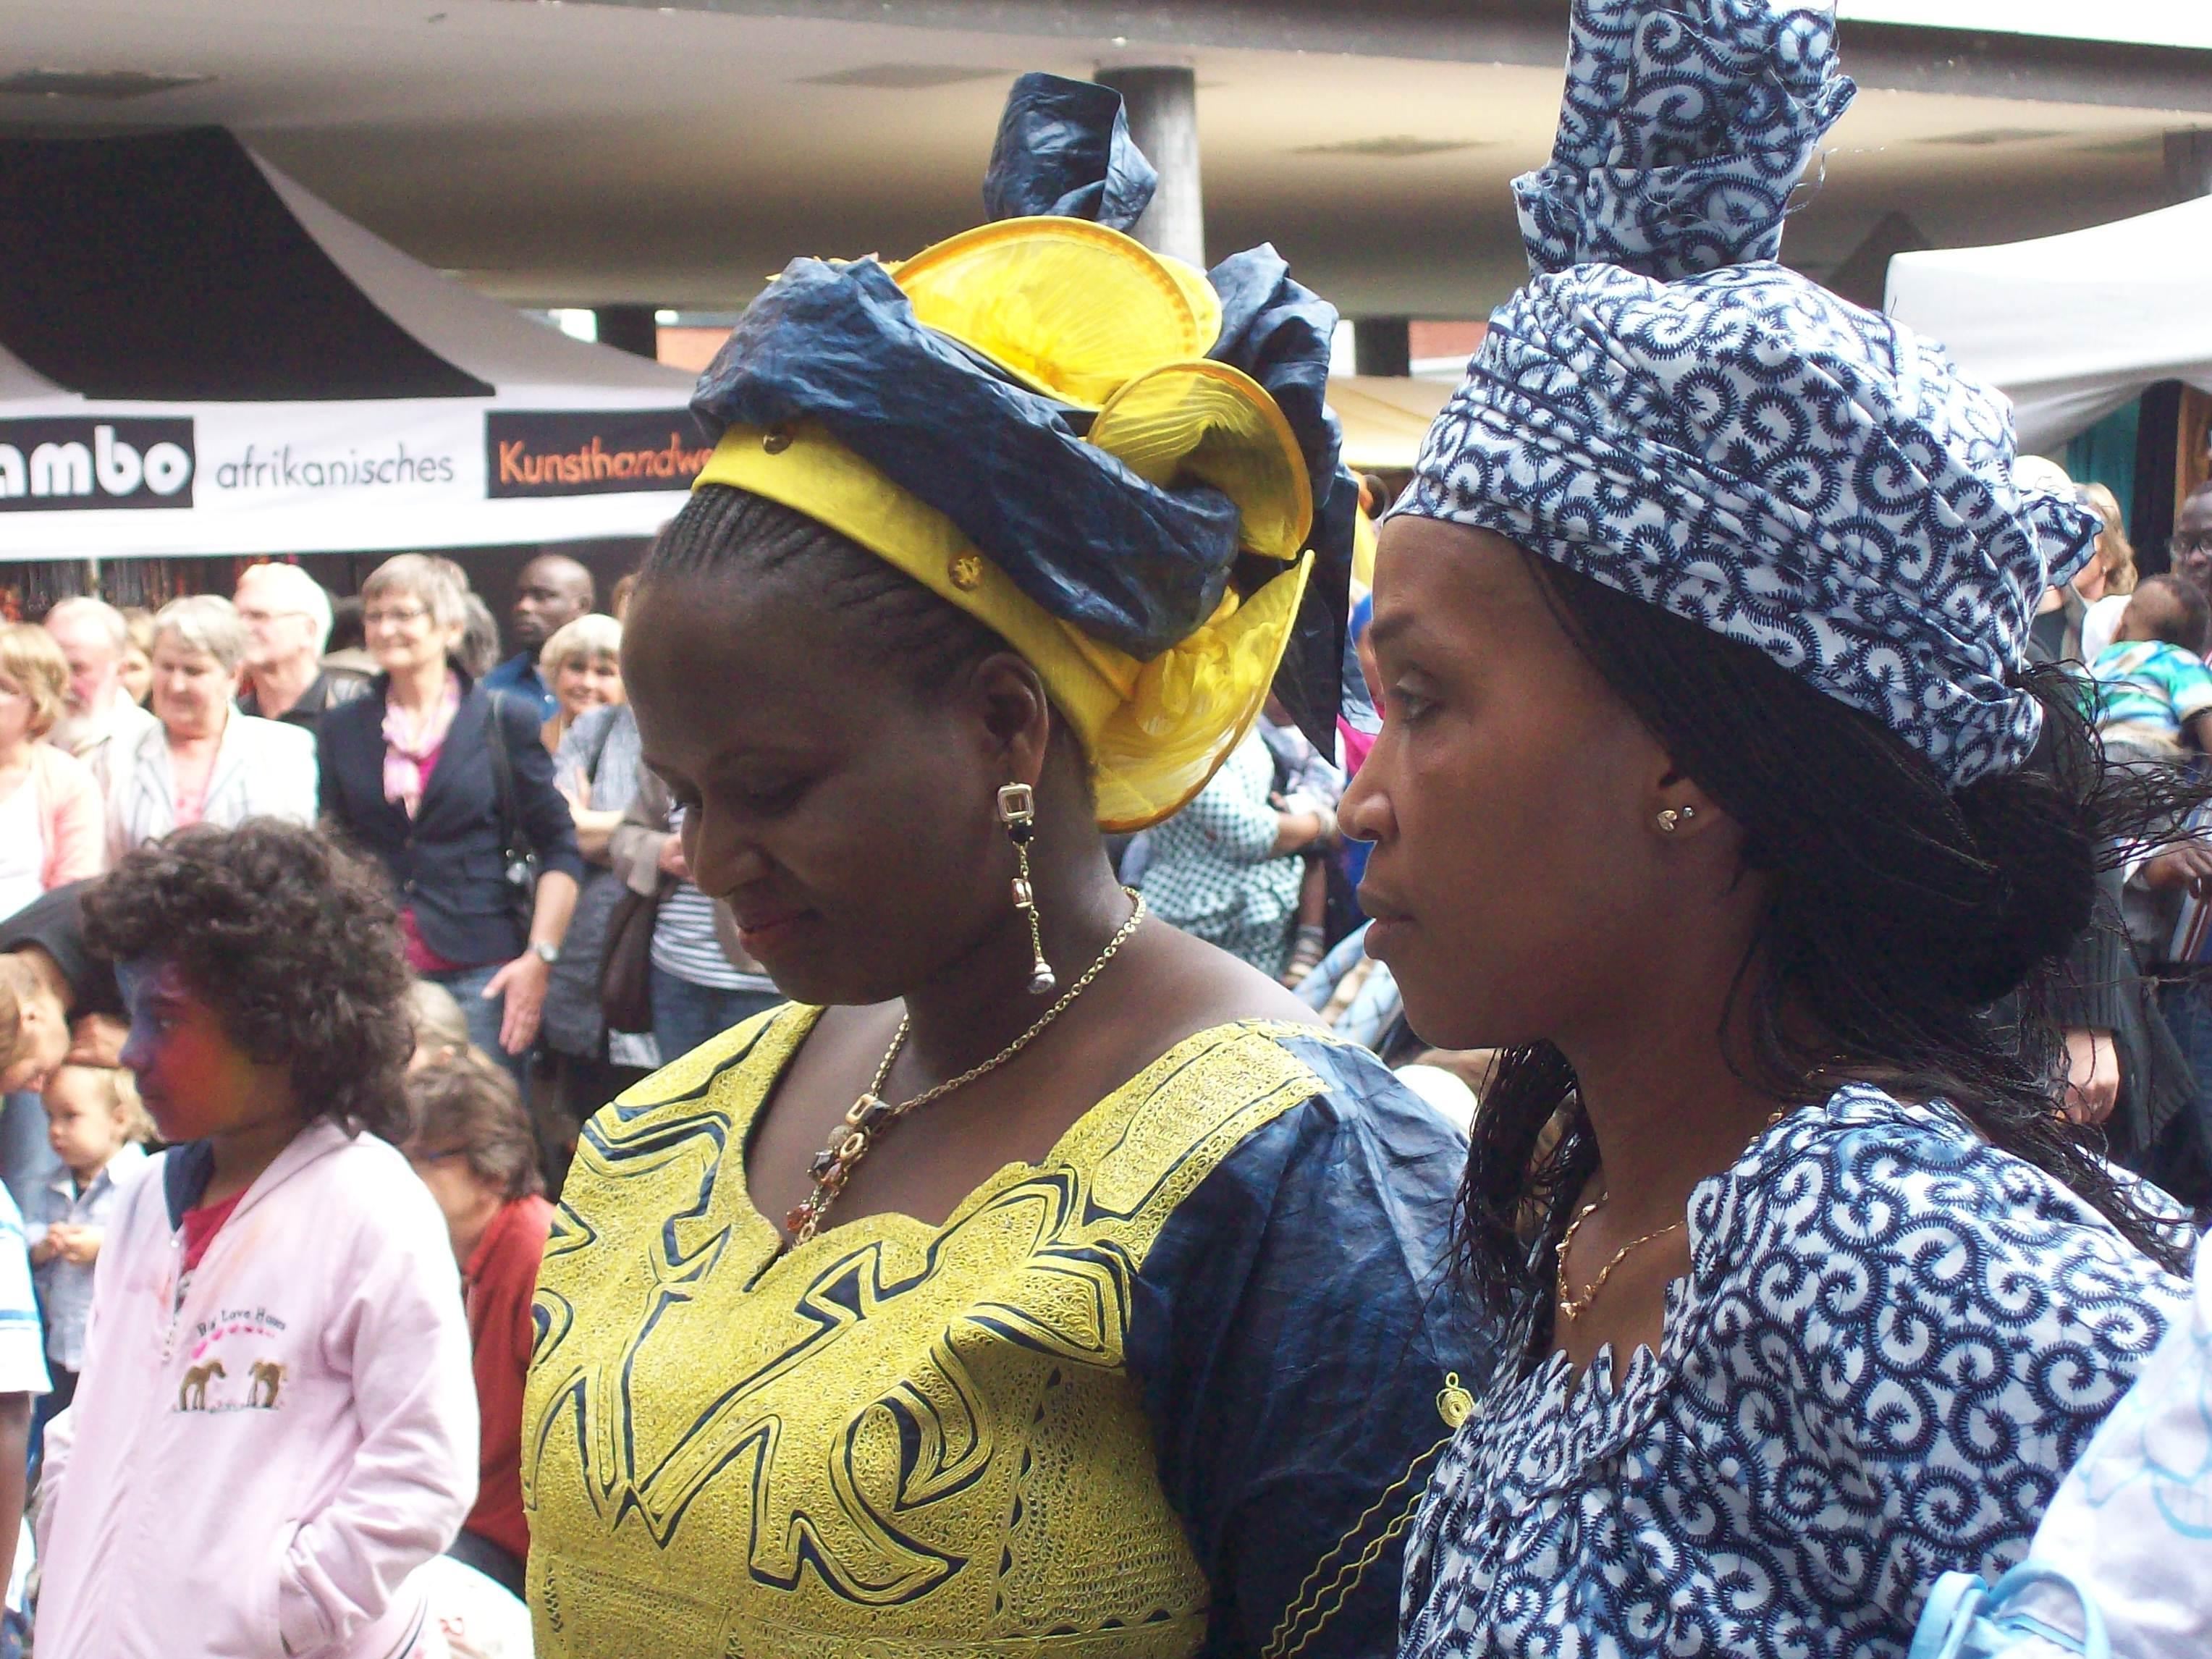 Großartig diese Frauen! Diese wunderbaren Kopfbedeckungen!